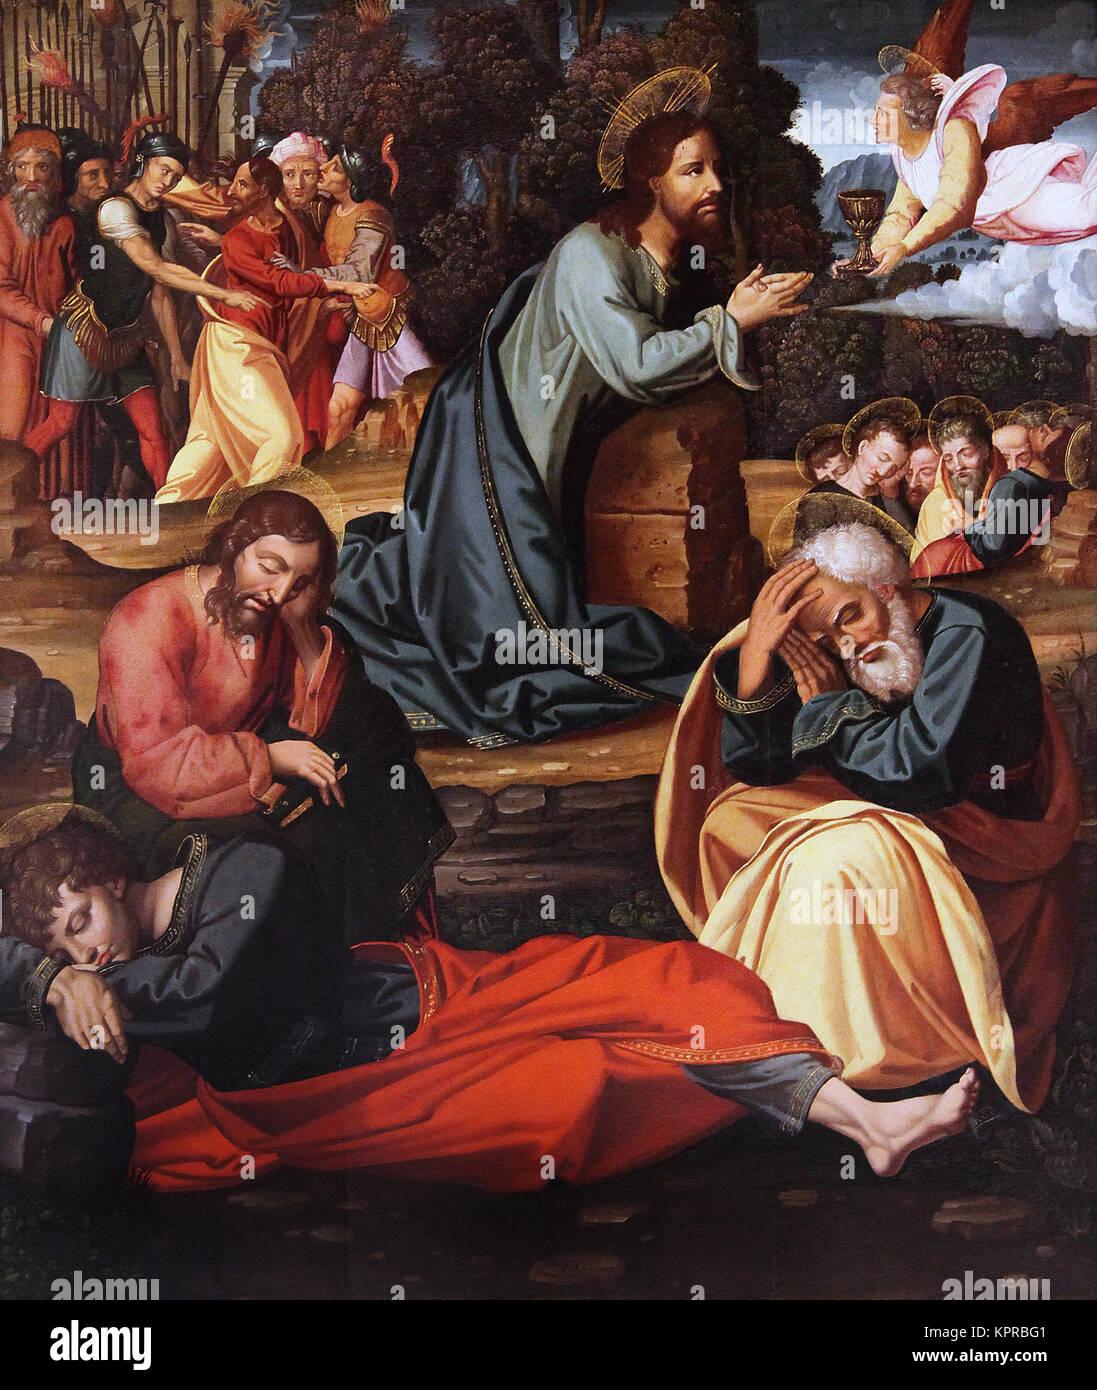 The Agony in the Garden.Oracion en el Huerto. by Felipe Pablo de San Leocadio c.1480 Valencia Spain - Stock Image